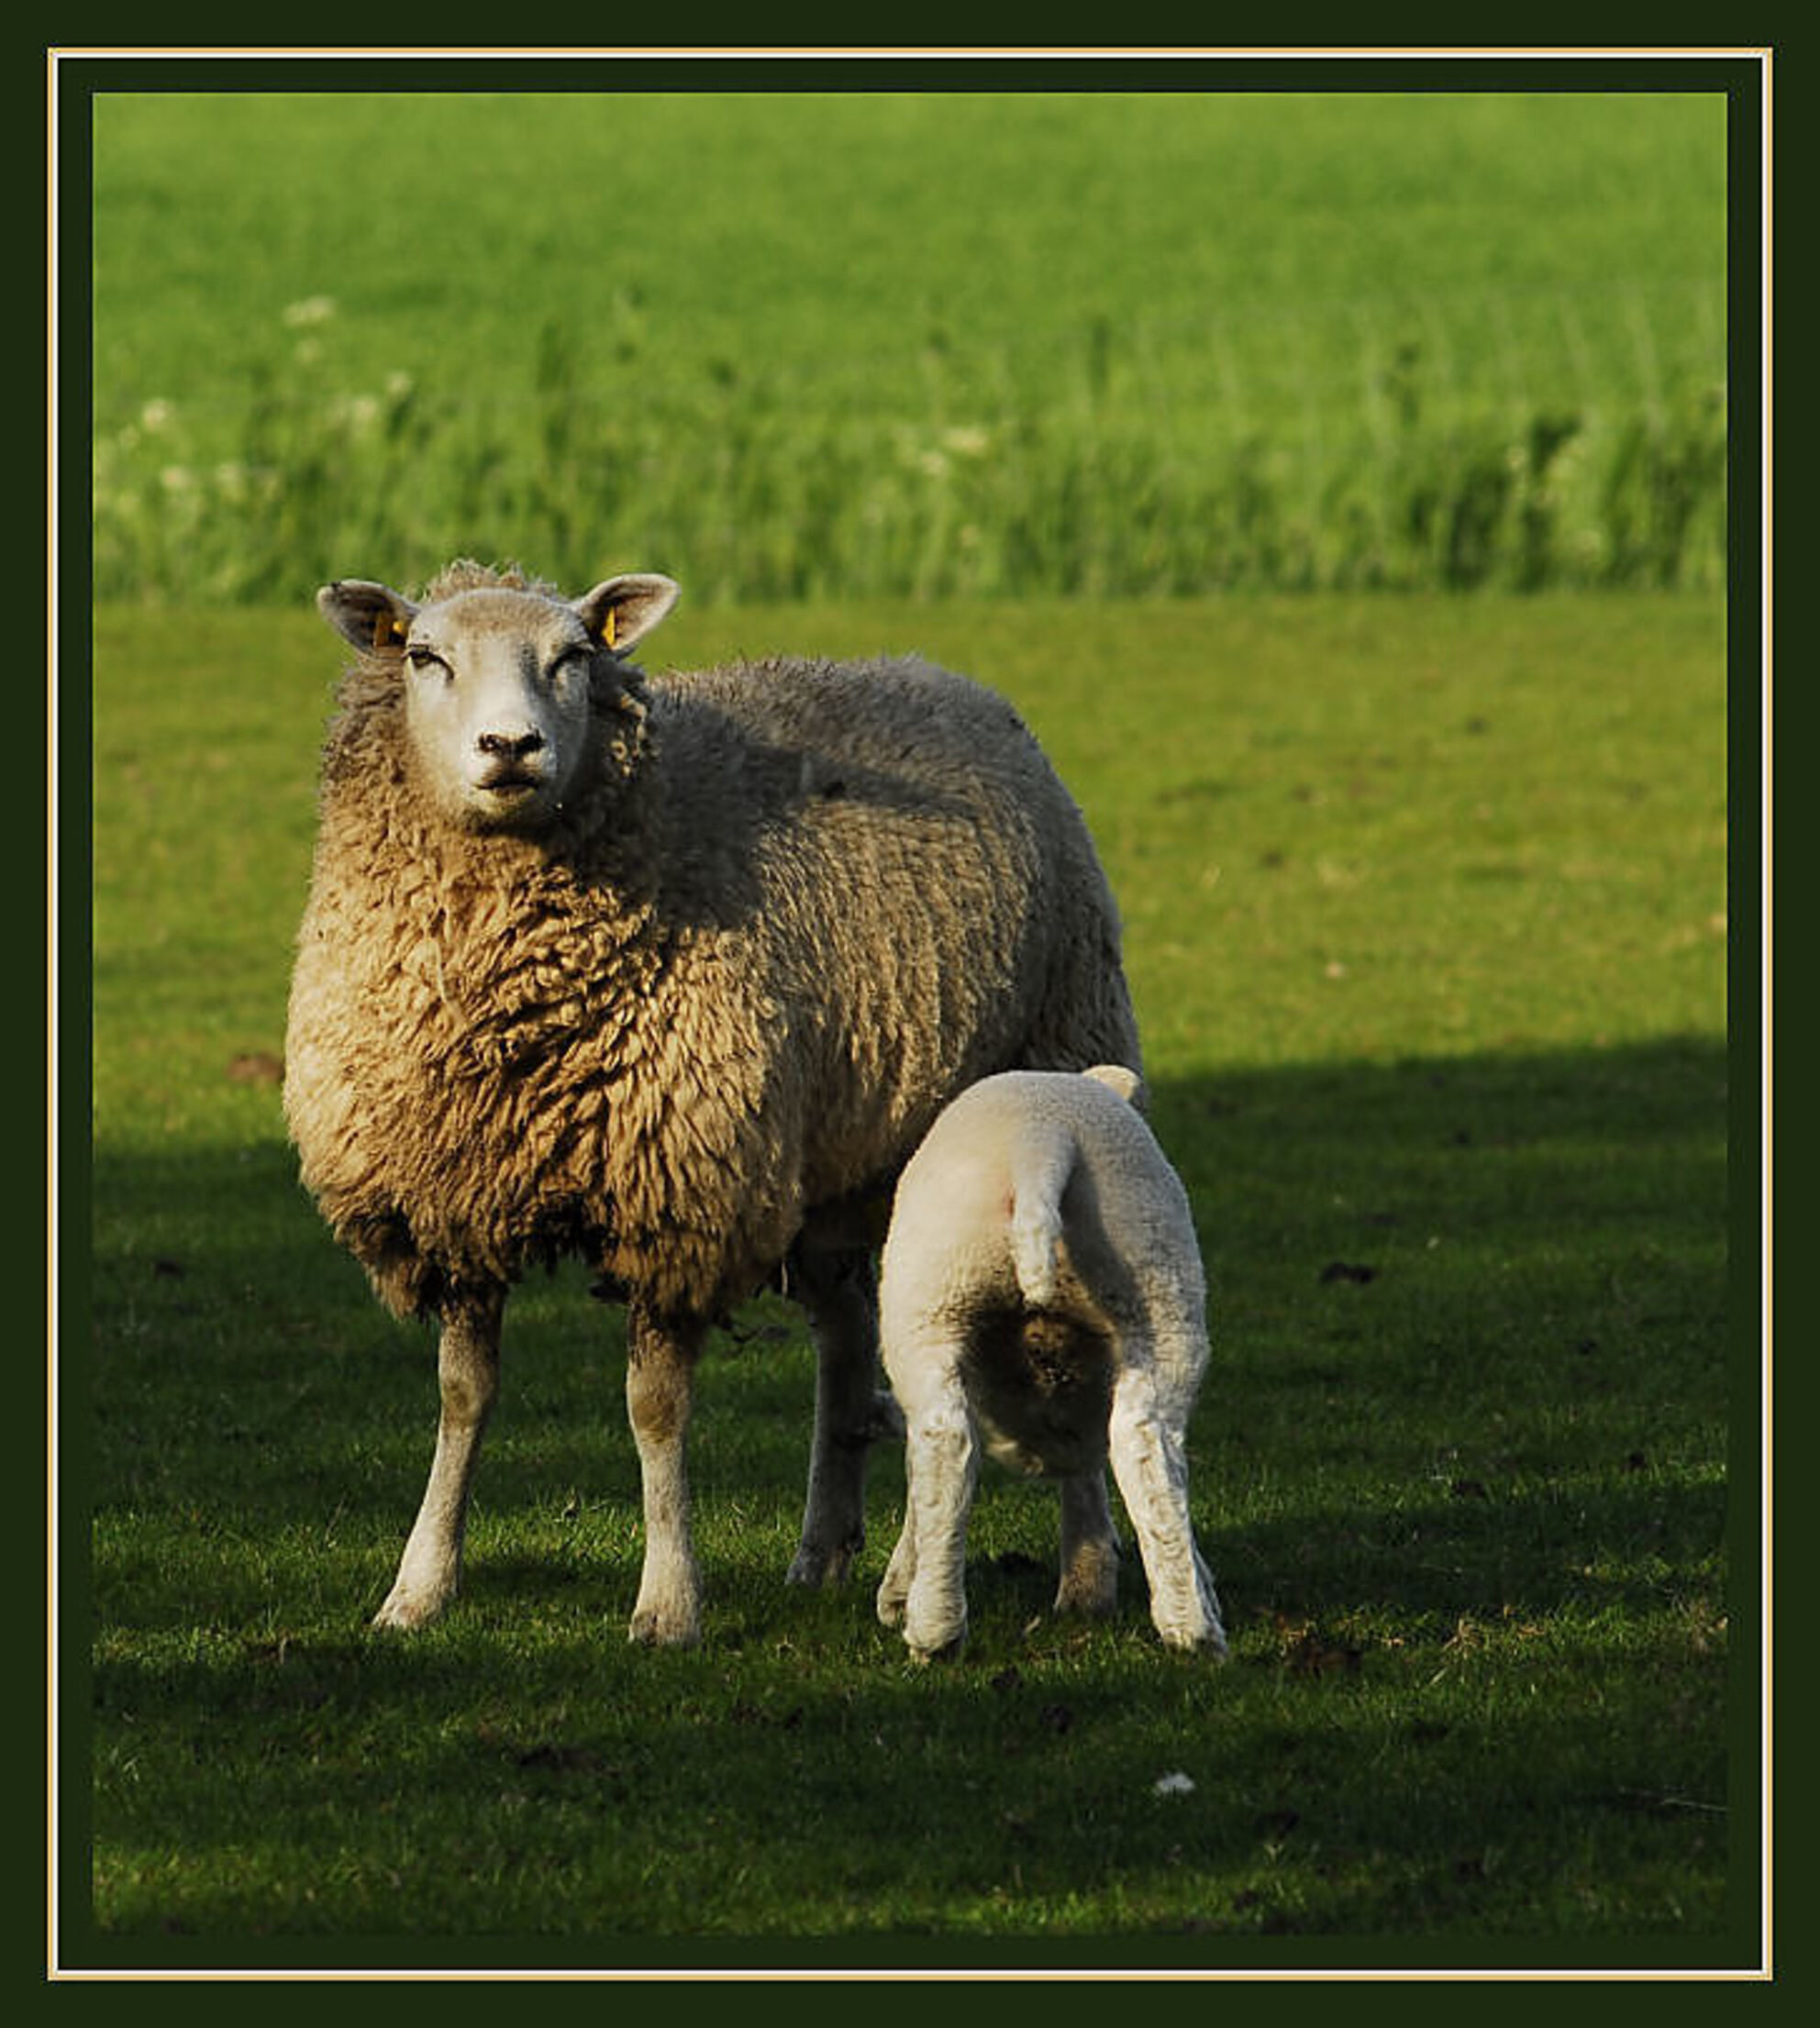 Moeder met pompend lam - Het is maar een gewoon plaatje maar ik vind het nog steeds mooi die pompende lammeren bij hun moeder aan de uier dat gaat niet zachtzinnig.En allemaa - foto door Thomas_zoom op 29-04-2007 - deze foto bevat: met, schaap, moeder, lam